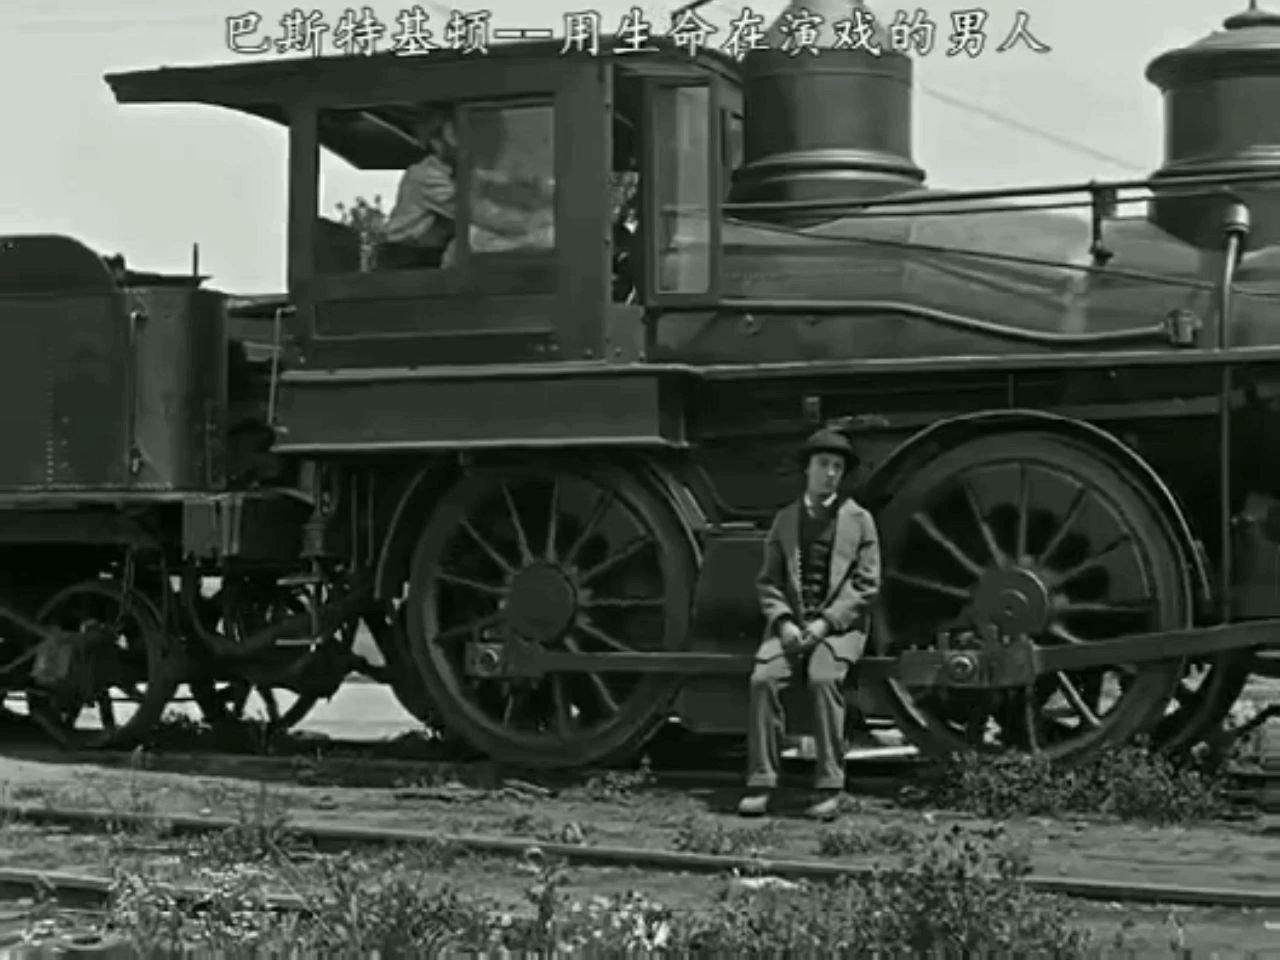 #带上花椒去旅行 #追剧不能停#周末大放送#巴斯特基顿教你如何一个人开火车(1)